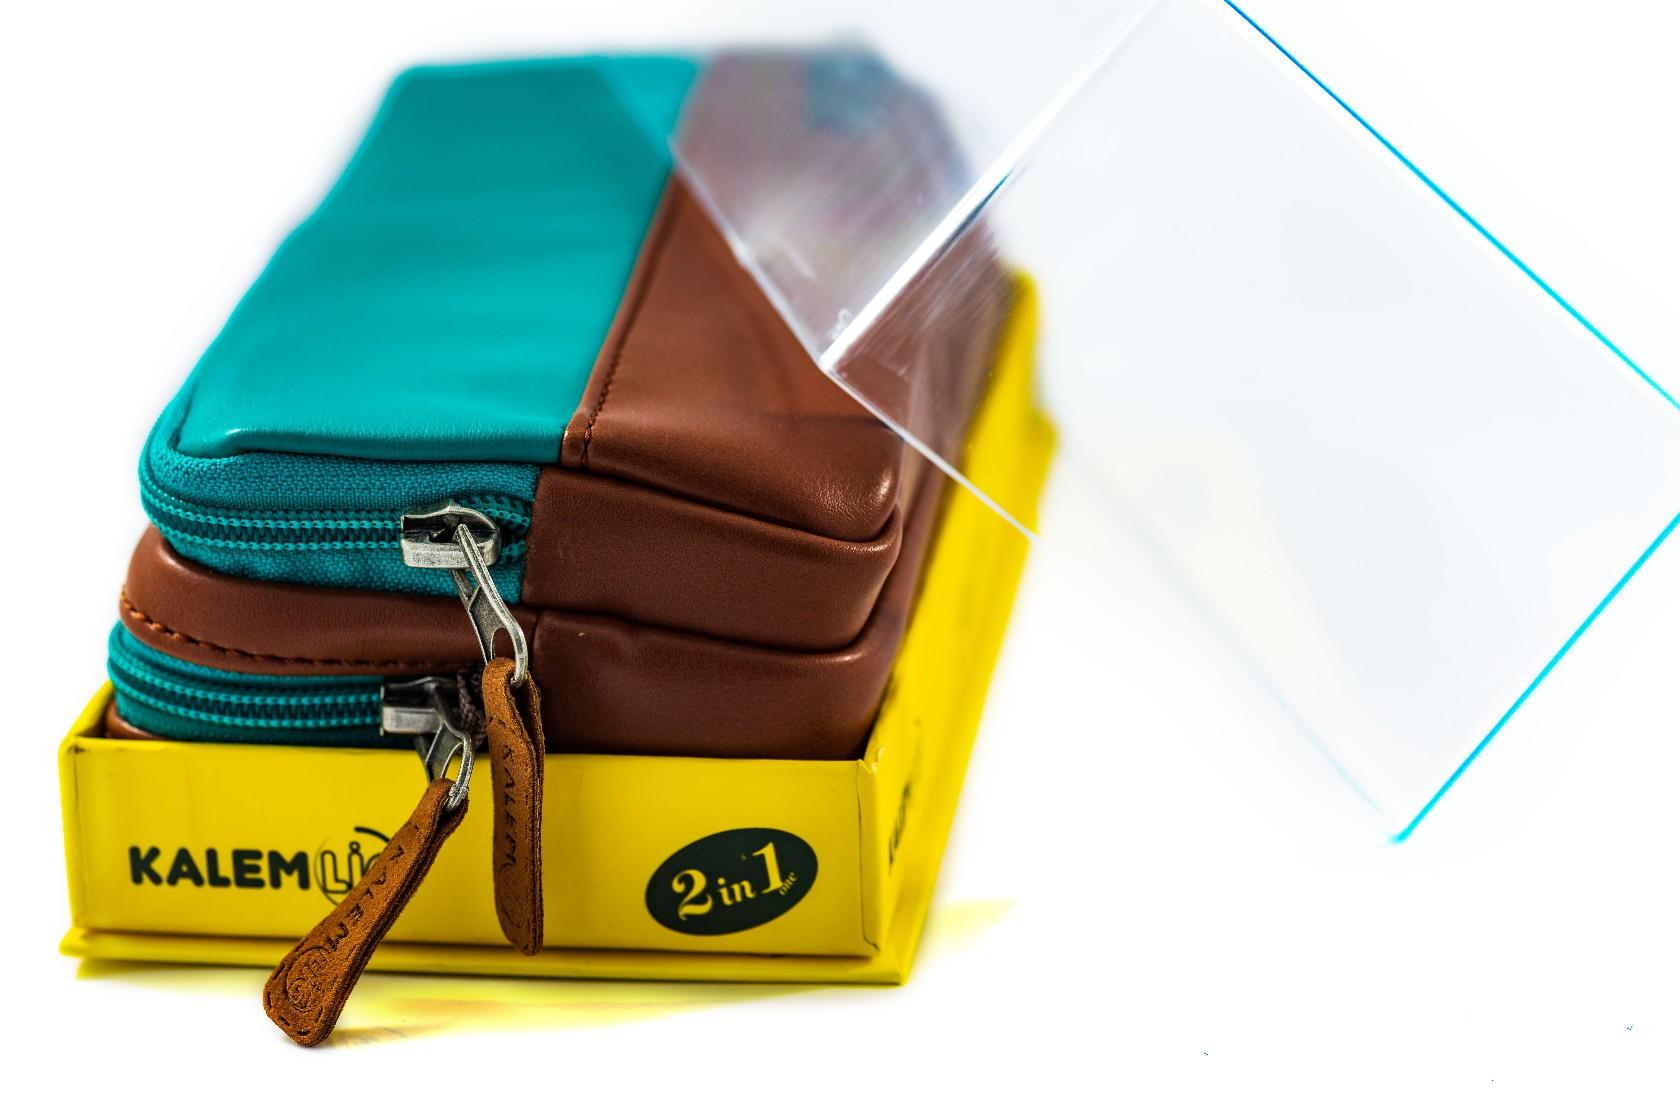 kalemlig mustang series pencil case